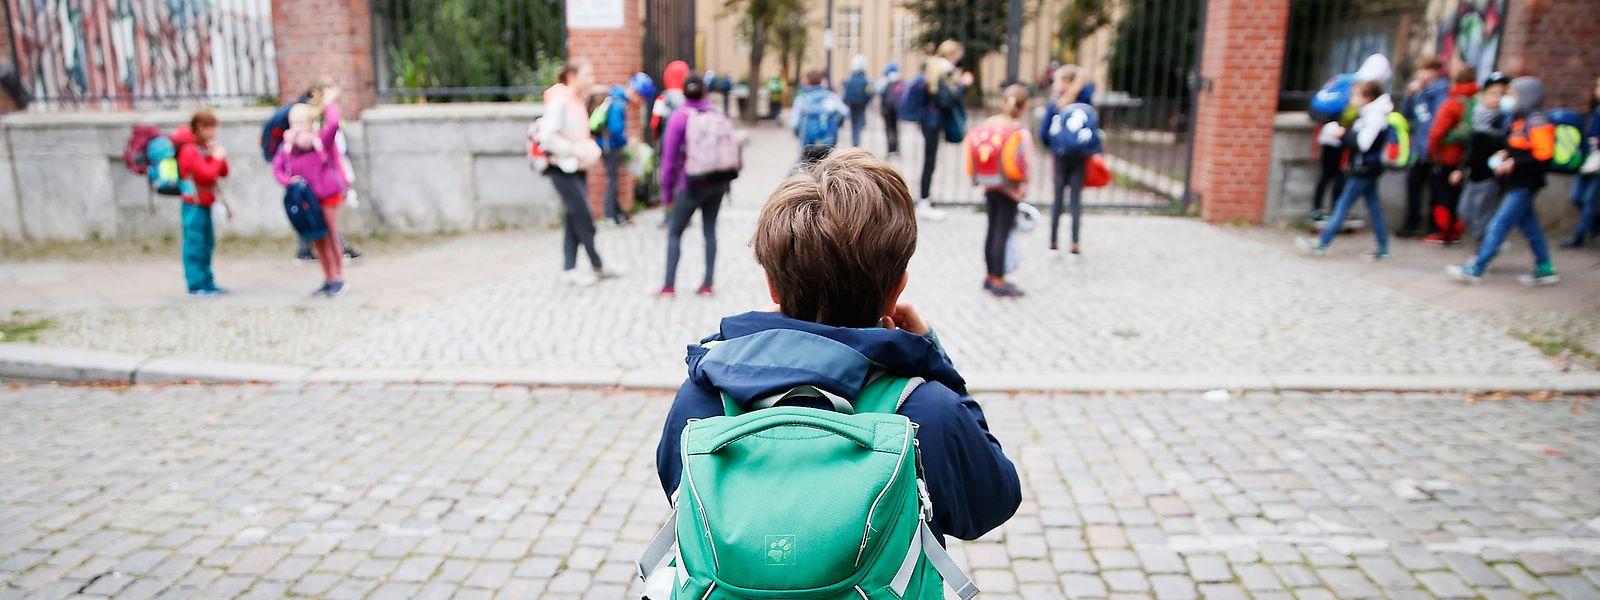 Depuis le 15 septembre, les jeunes du fondamental sont invités à se dépister deux fois par semaine en classe.